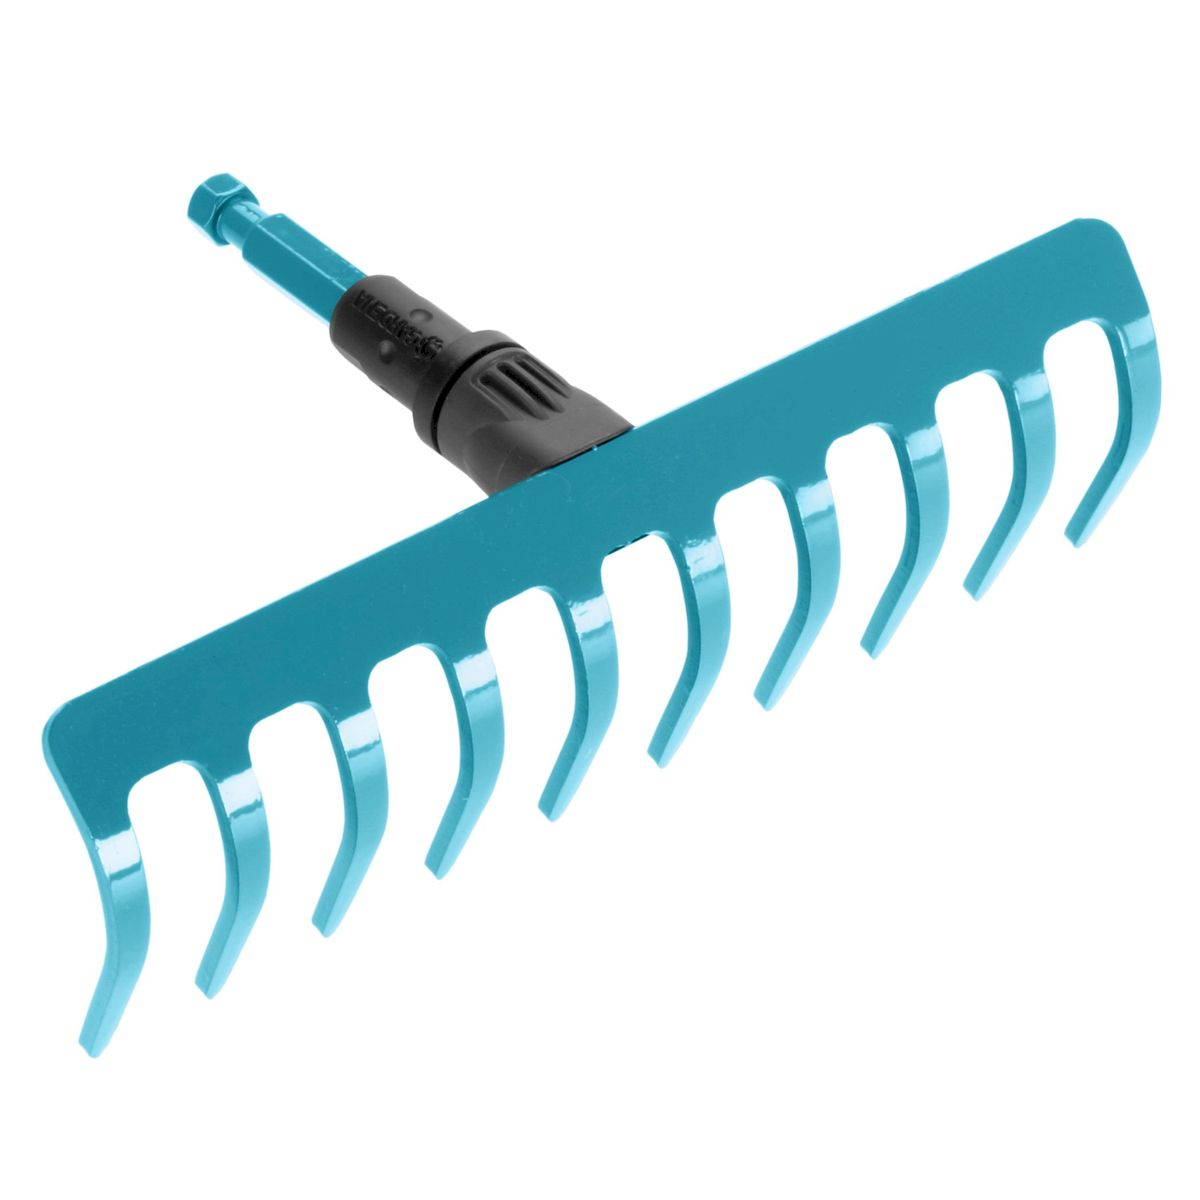 Грабли Gardena, без ручки, 25 см531-402Грабли Gardena выполнены из высококачественной стали с покрытием из дюропласта, которое обеспечивает оптимальную защиту инструмента от коррозии. Грабли представляют собой практичный многофункциональный инструмент, который идеально подходит для очистки, обработки и выравнивания почвы. Грабли Gardena могут использоваться с любой ручкой, однако рекомендуется использовать ручку длиной 150 см, в зависимости от роста пользователя. Рабочая ширина граблей - 25 см (10 зубьев).